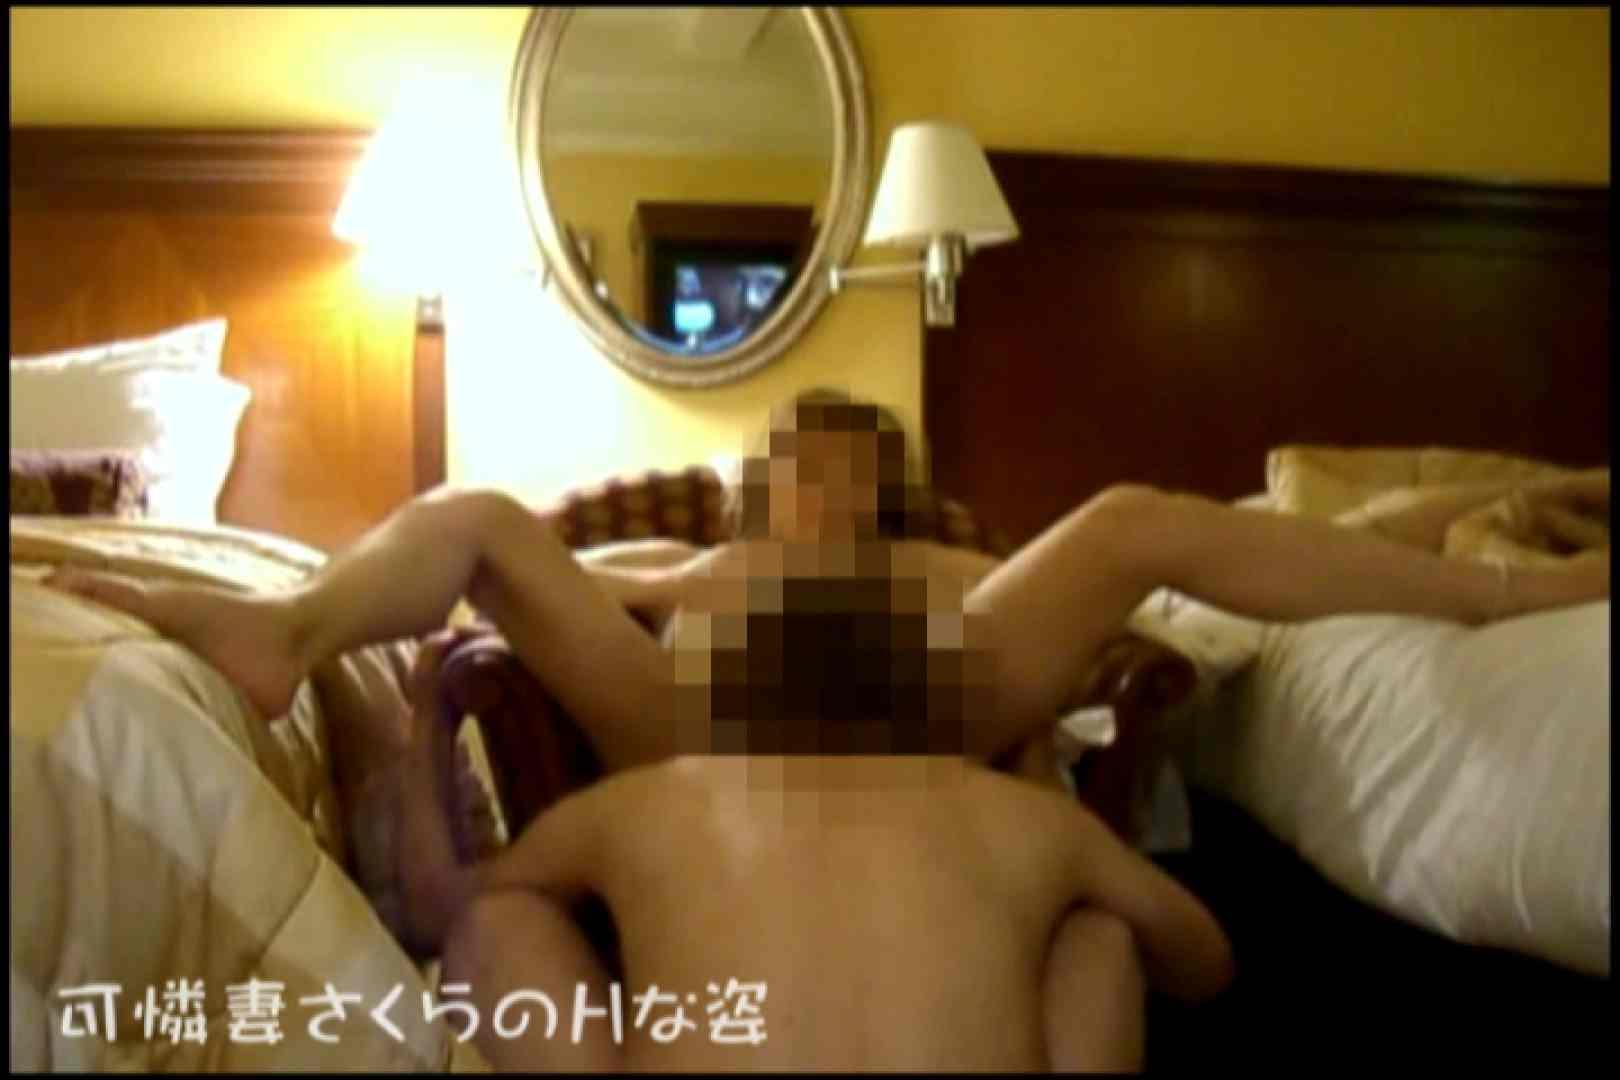 可憐妻さくらのHな姿vol.7 セックス ワレメ動画紹介 76pic 32